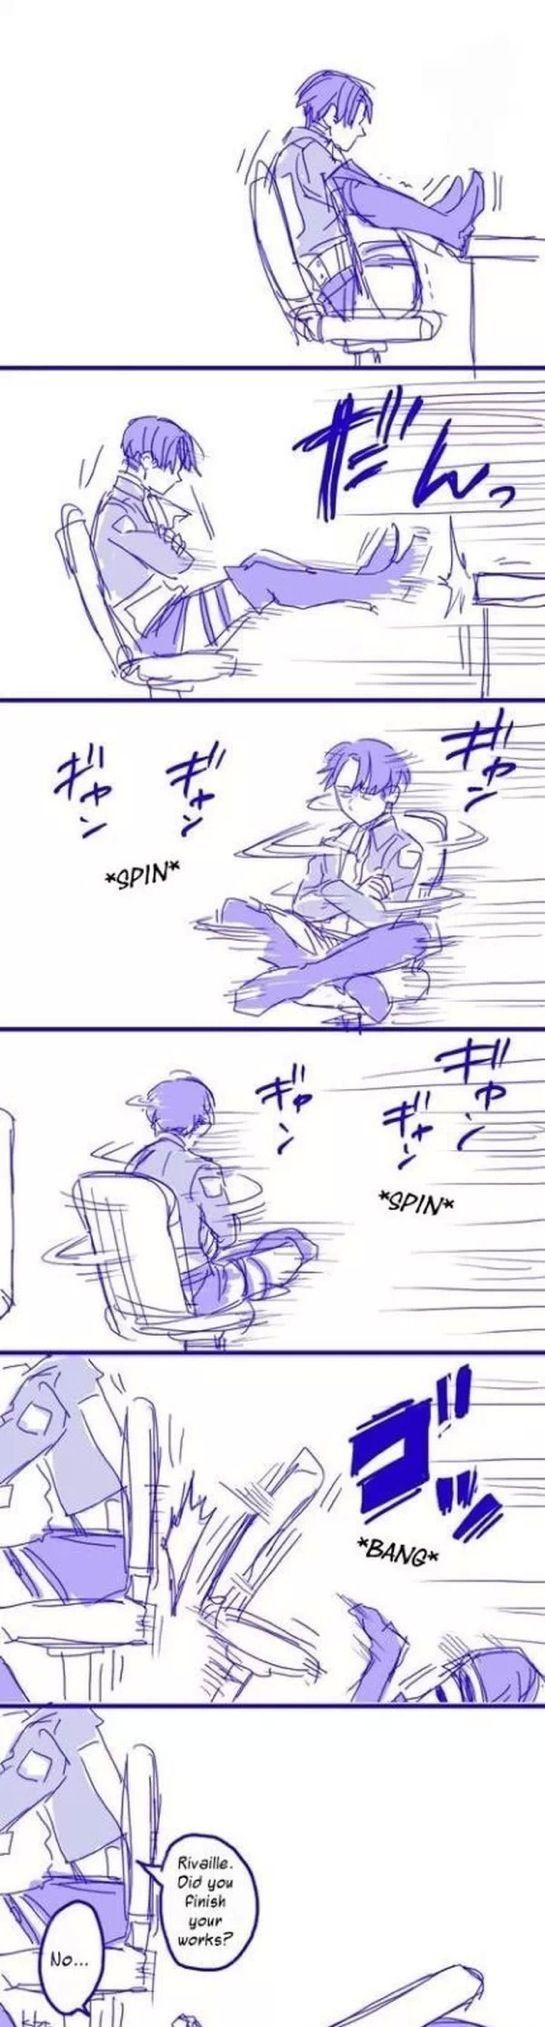 XD tipico juegar con una silla y caerte